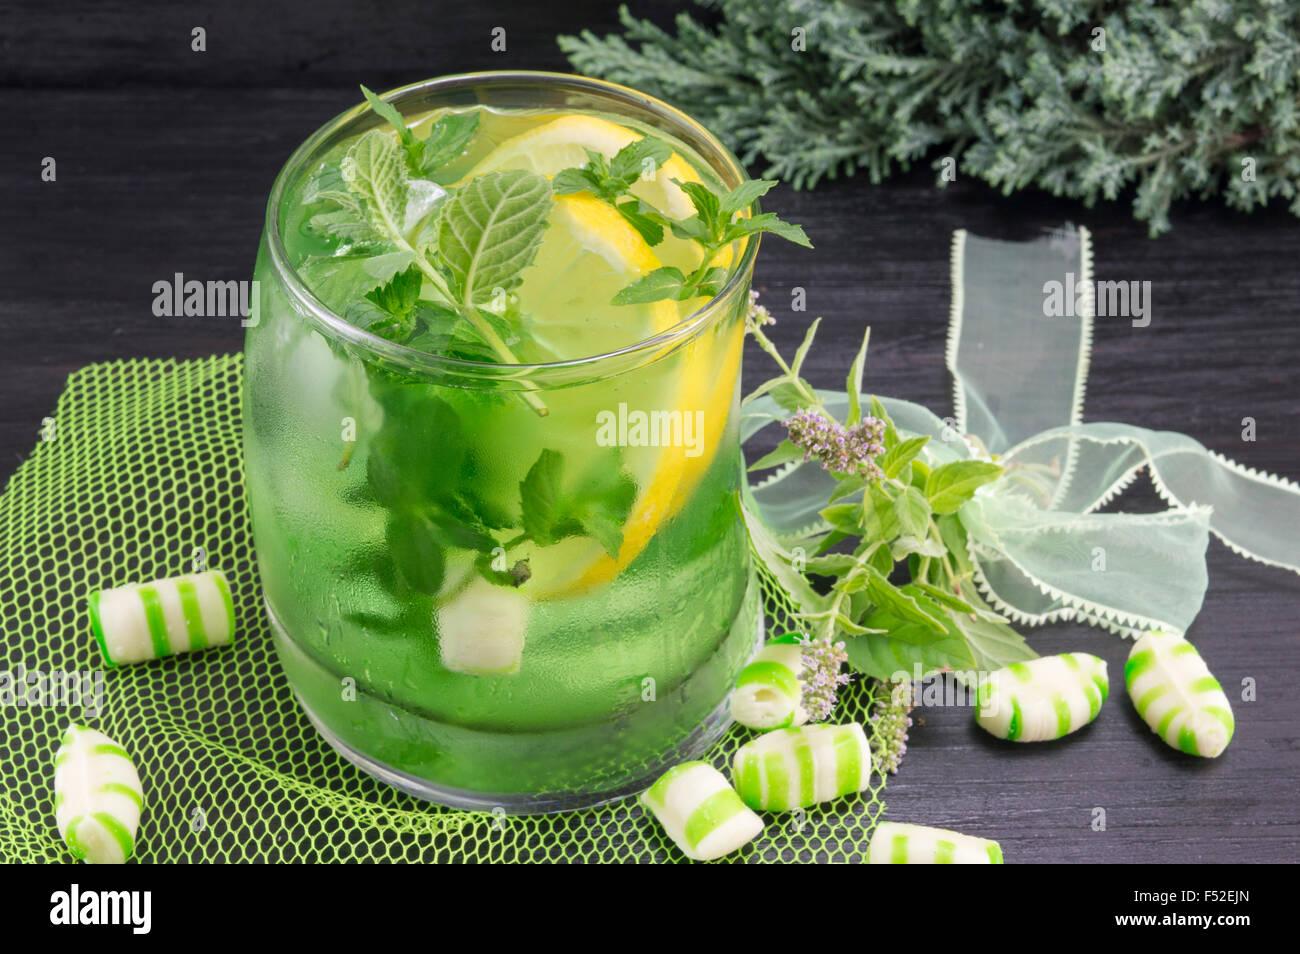 Hausgemachtes Mojito cocktail in einem krummen Glas mit Minze bonbons Stockbild